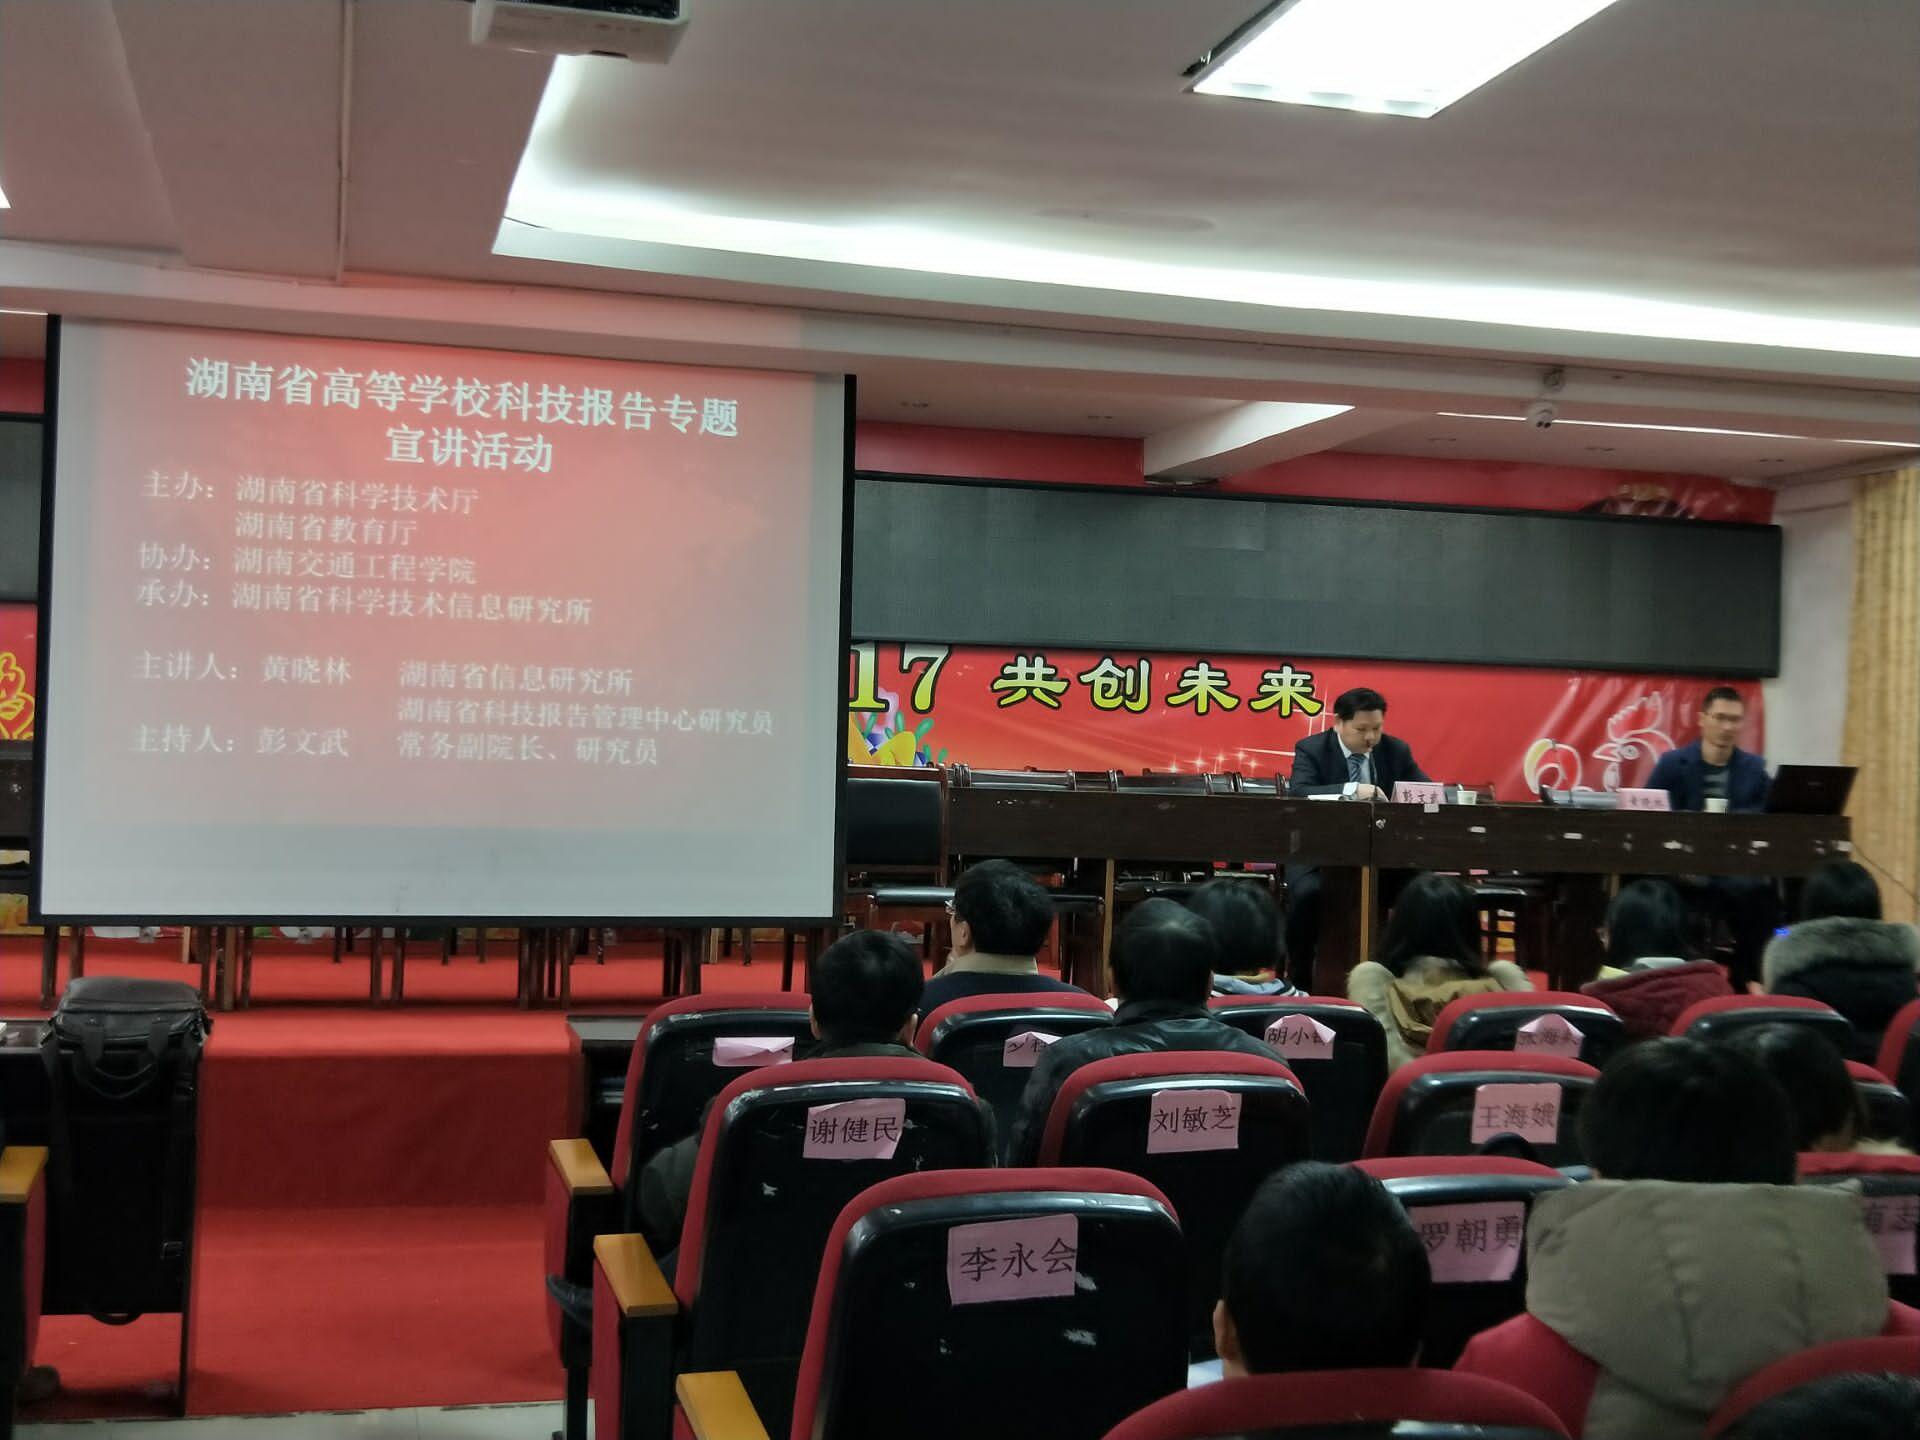 湖南省科技报告中心研究员黄晓林来我校作科技报告专题讲座